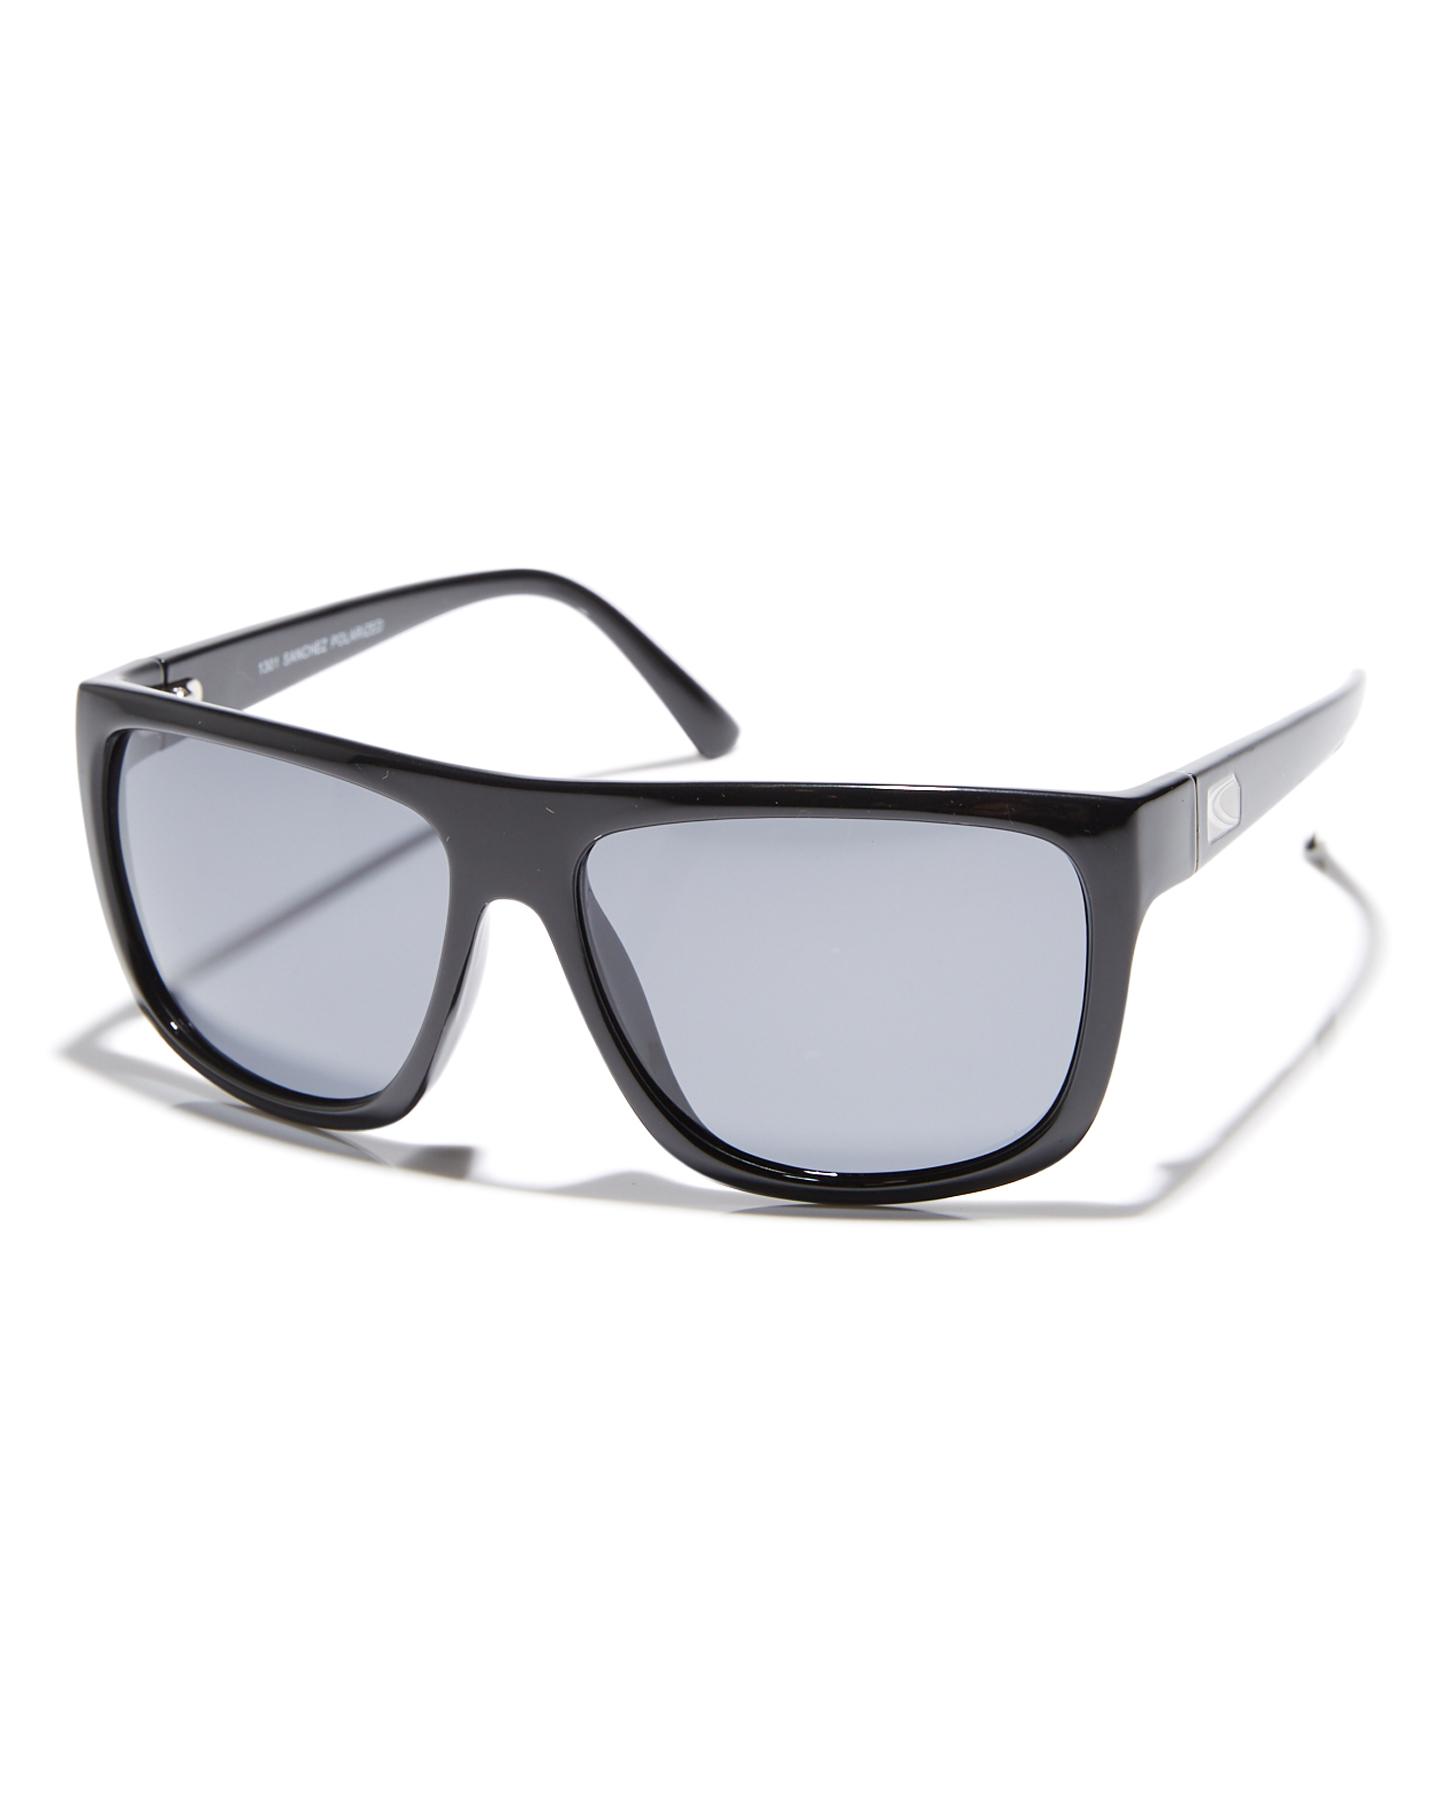 Carve Sanchez Sonnenbrille One Size Black/Whte Polarized Revo NuWNZ2U